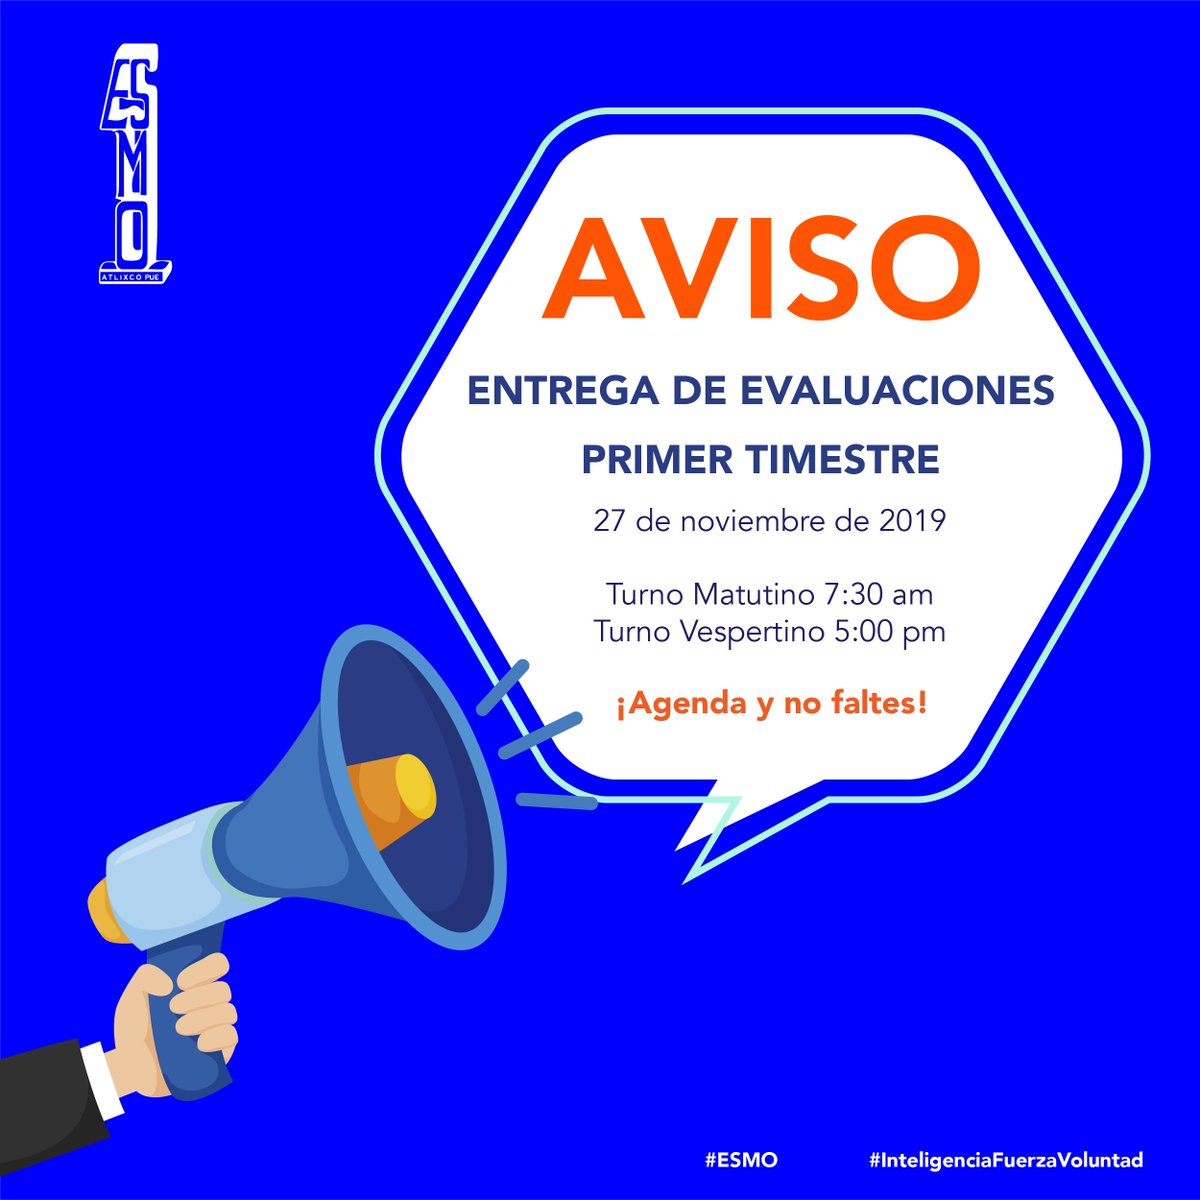 🚨 Padre de familia 👨🏻👩🏻 No olvides que este 27 de noviembre realizaremos entrega de evaluaciones del primer trimestre, agenda este día, el futuro de tus hijos es trabajo de todos.   #ESMO #InteligenciaFuerzaVoluntad #Atlixco #Puebla #EducaciónBásica #AccionesPorLaEducación